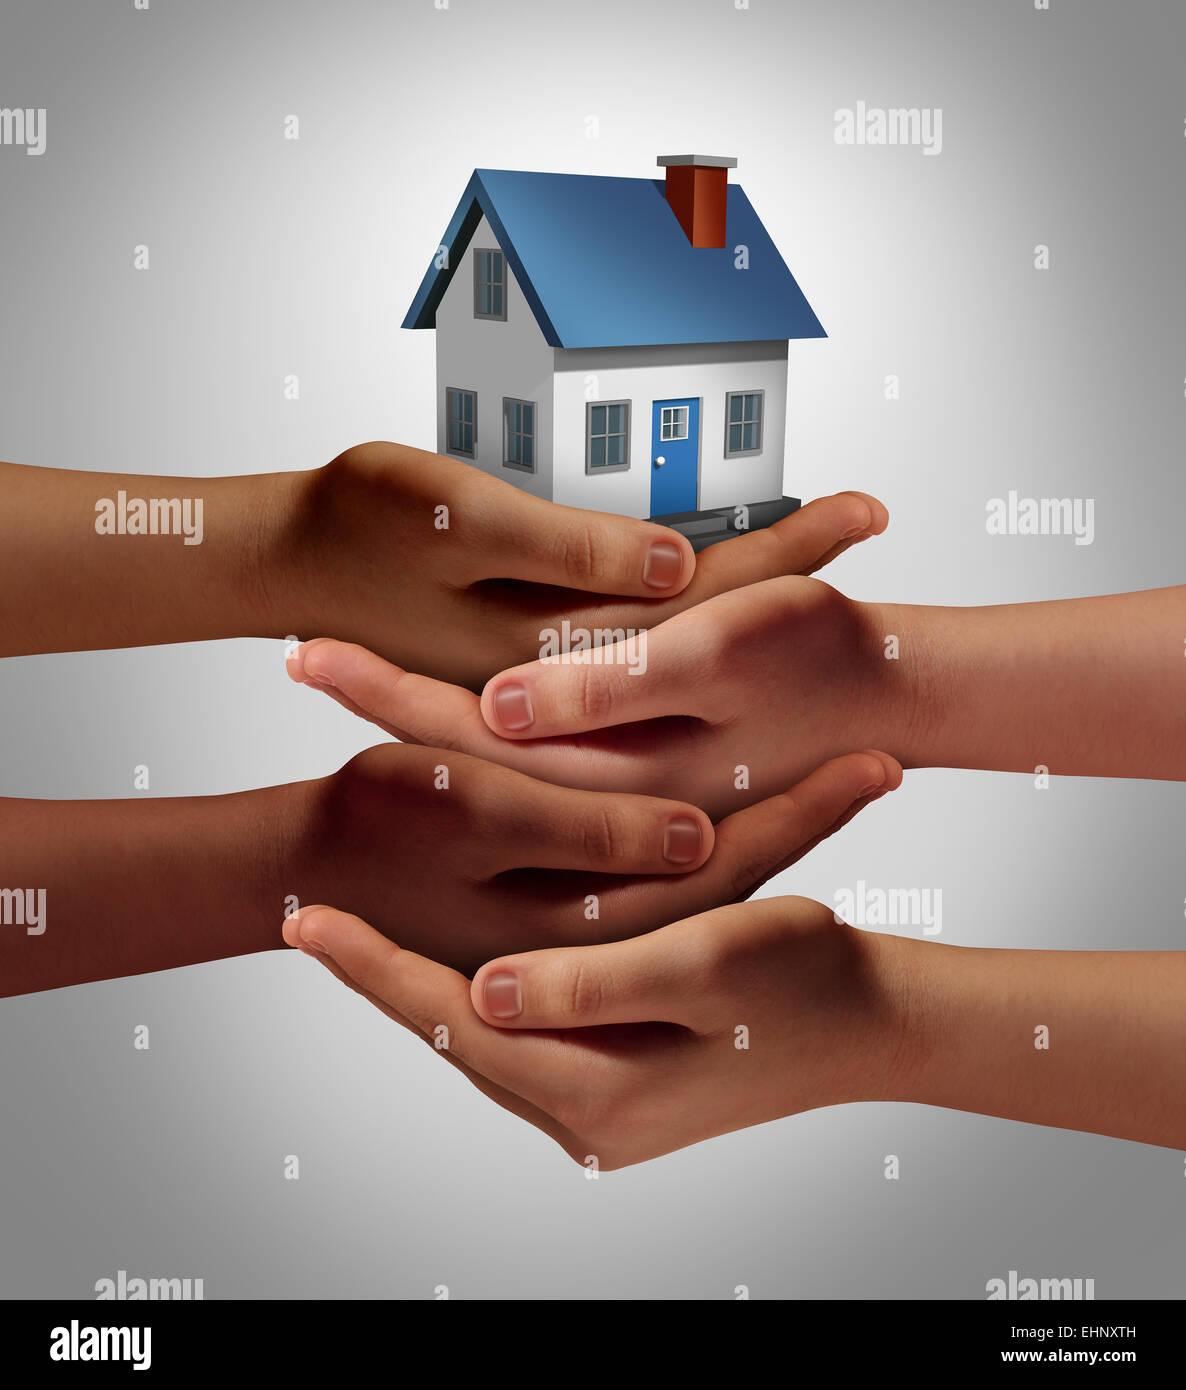 Concepto de vivienda comunitaria y el apoyo de vecinos o Neighborhood Watch símbolo conectado como un grupo Imagen De Stock